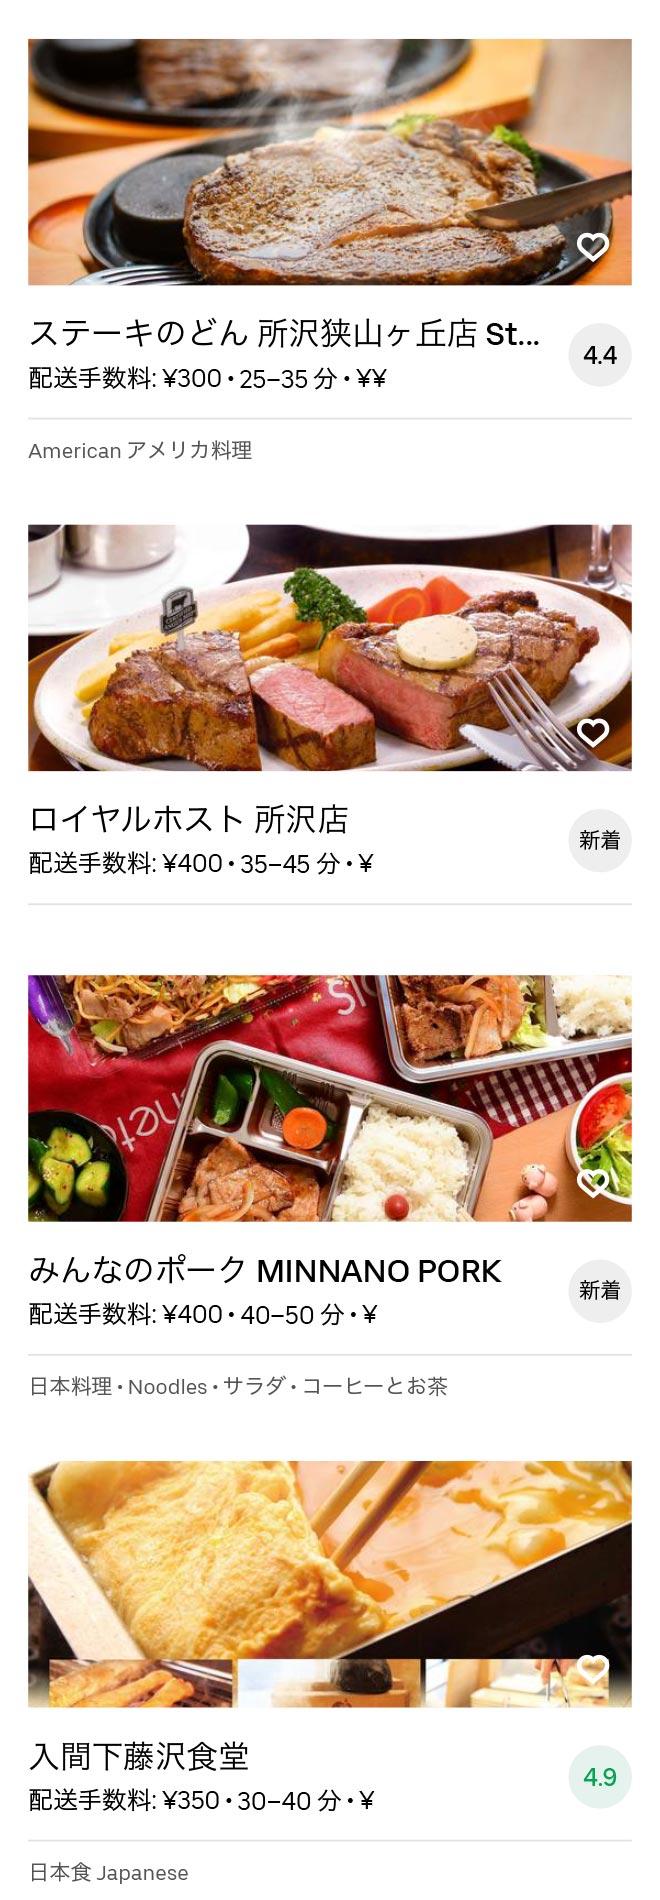 Iriso menu 2010 11